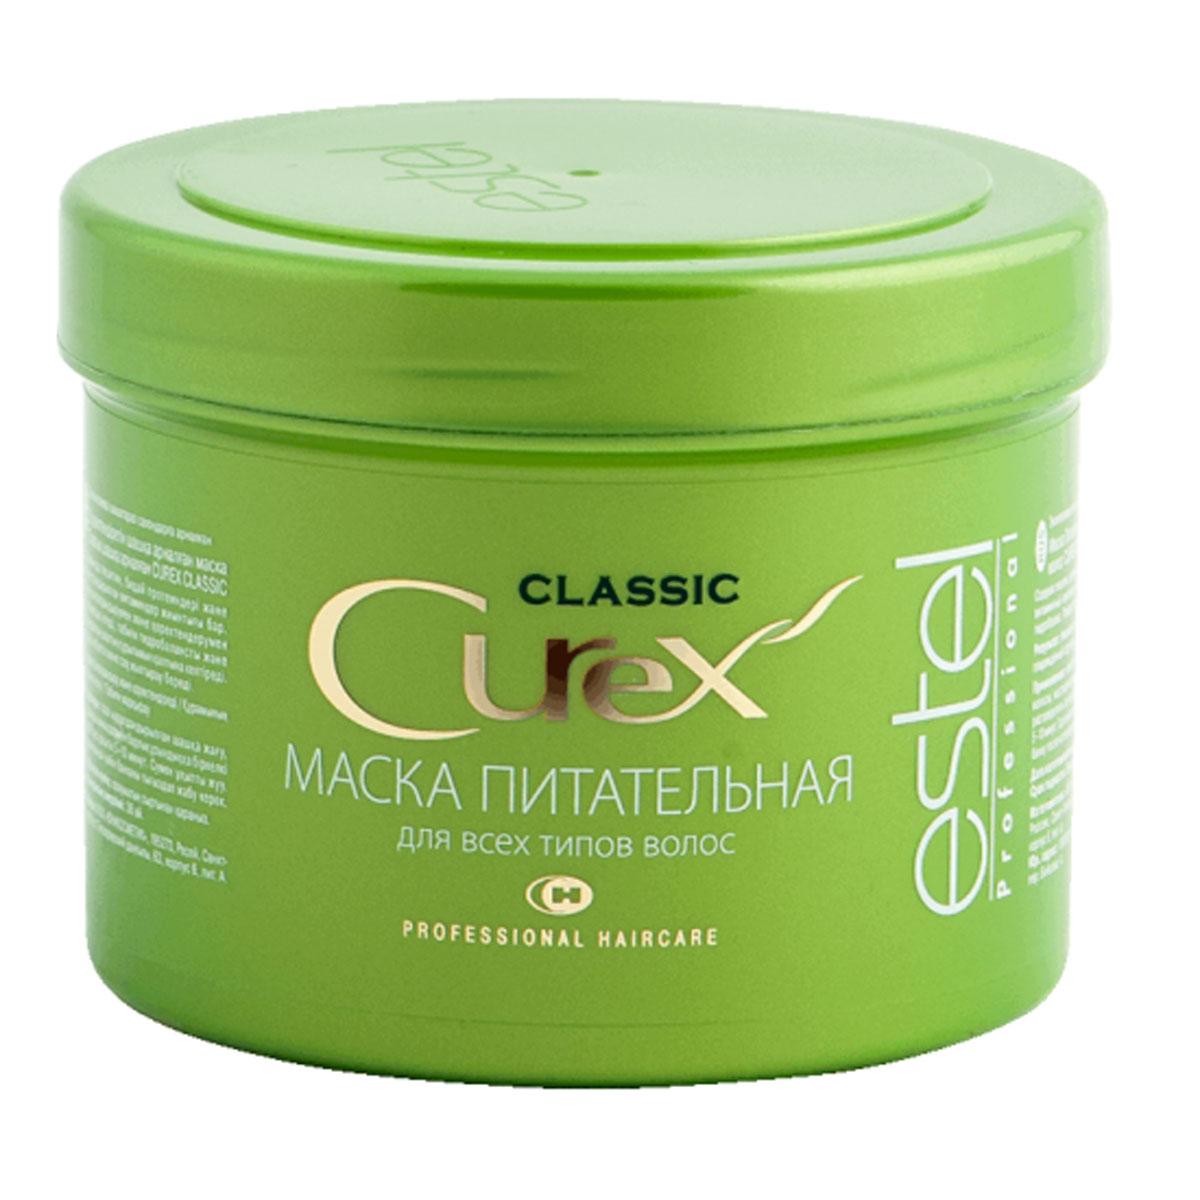 Estel Curex Classic Маска для волос Питательная 500 млCU500/MМАСКА ДЛЯ ВОЛОС «ПИТАТЕЛЬНАЯ» ESTEL CUREX CLASSIC для всех типов волос Содержит экстракт каштана и сбалансированный витаминный комплекс. Обеспечивает глубокое увлажнение и питание, восстанавливает природный гидробаланс и структуру поврежденных волос. NEW! При регулярном применении сохраняет натуральный пигмент. Результат: Увлажнение и питание Восстановление поврежденной структуры Естественный блеск